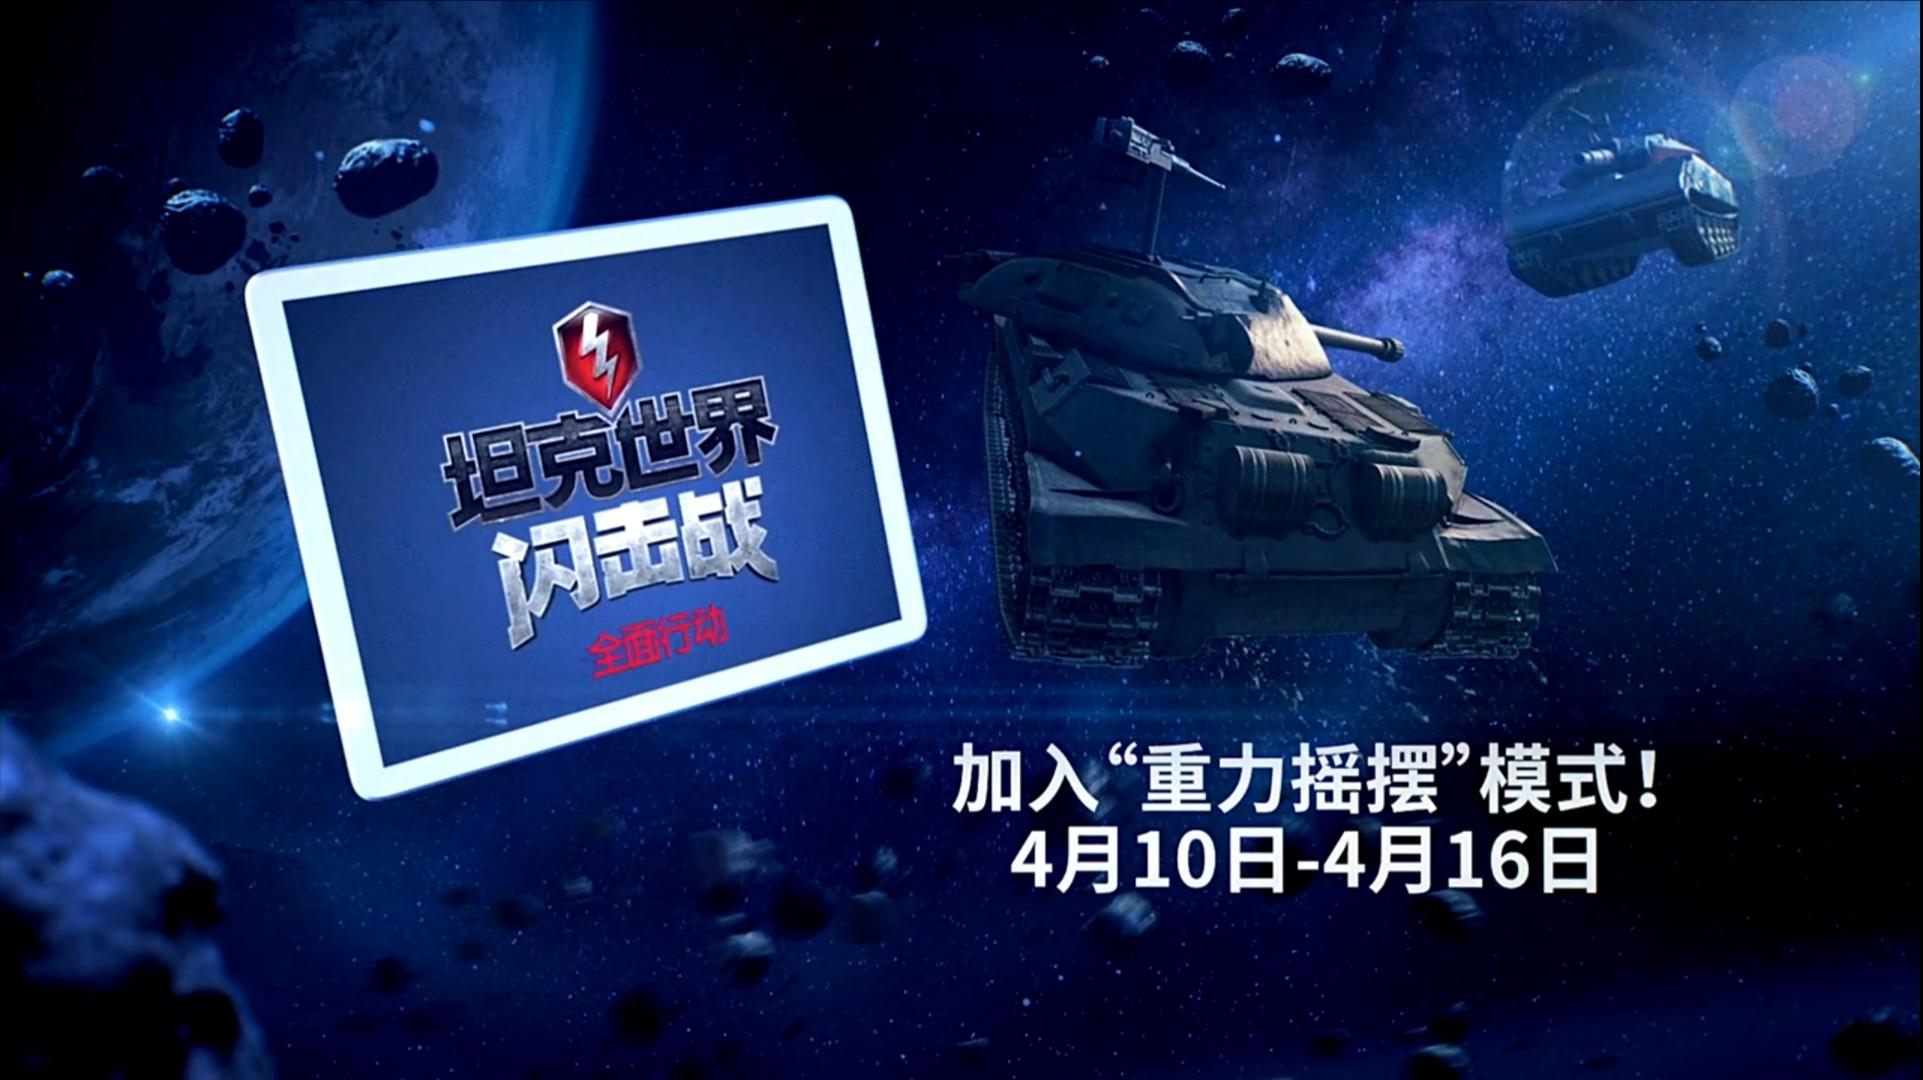 """【WOTB】全新模式""""重力摇摆""""官方""""介绍"""